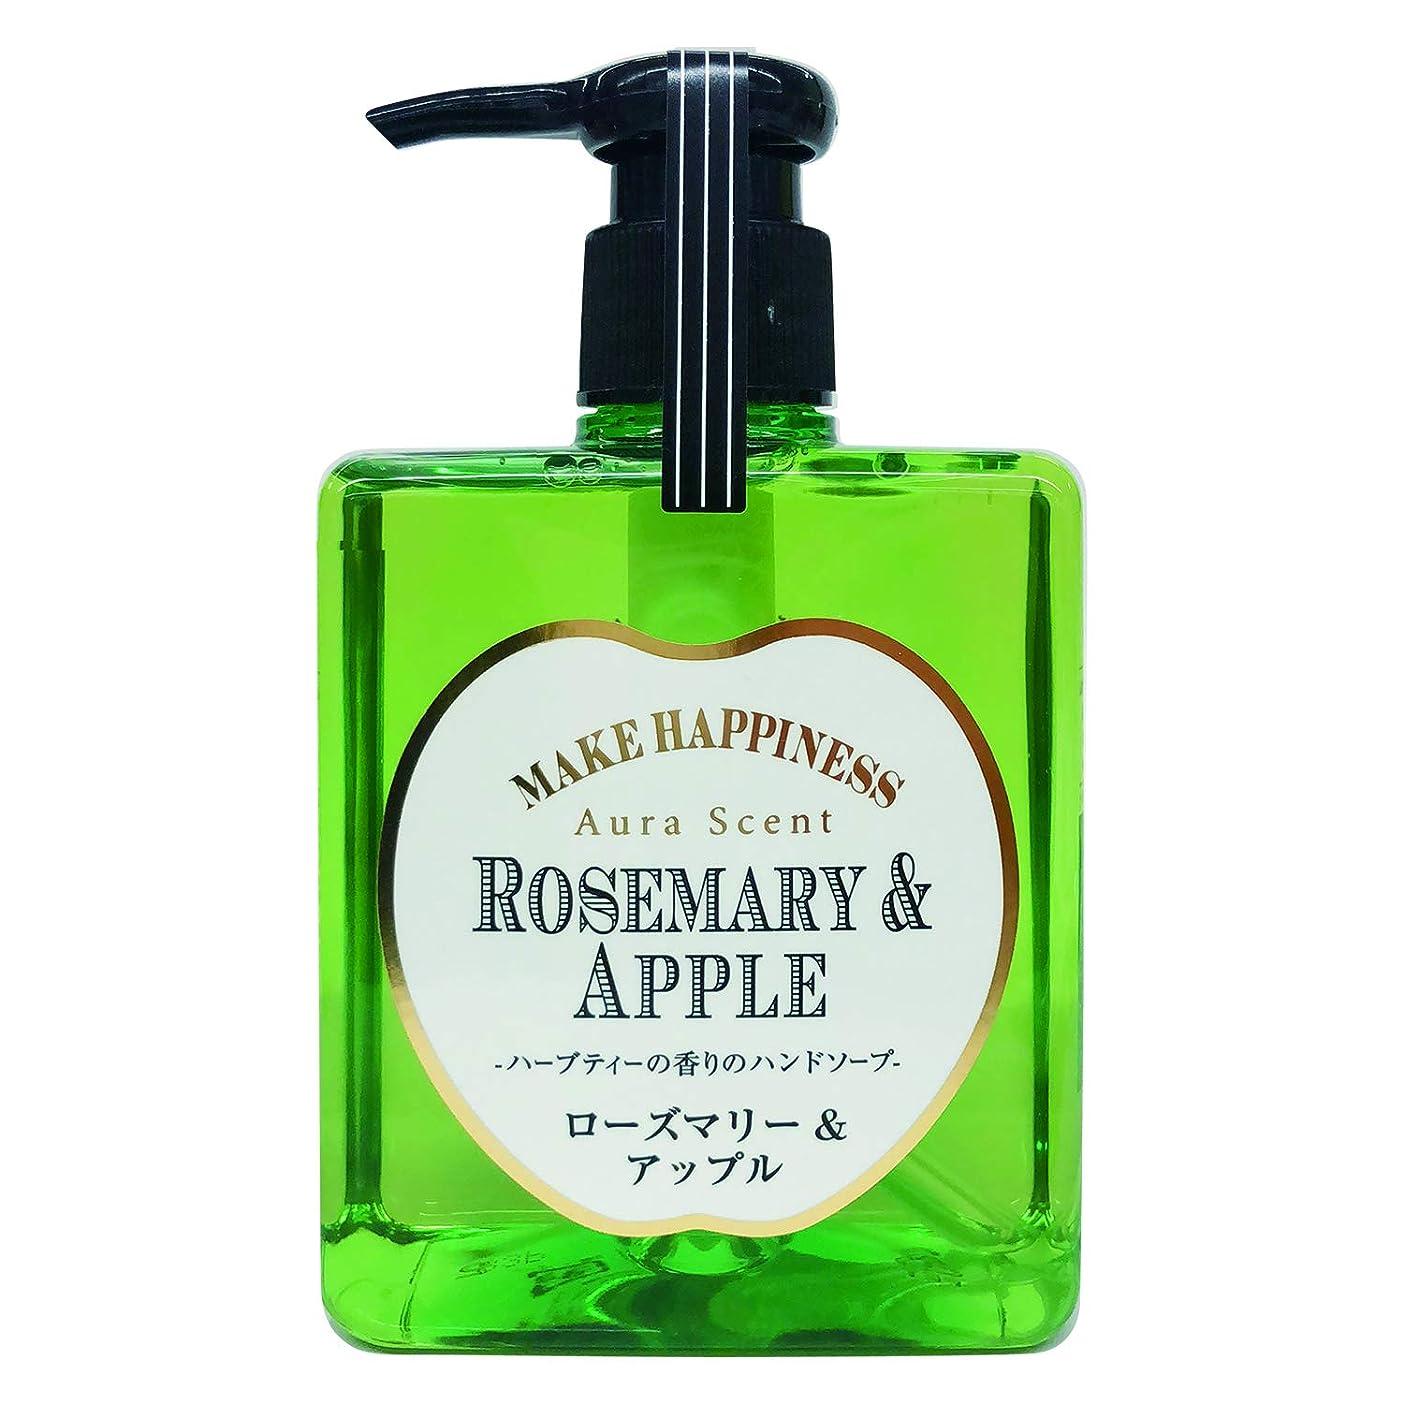 注釈引っ張る吸収剤ペリカン石鹸 オーラセント ハンドソープ ローズマリー&アップル 300ml